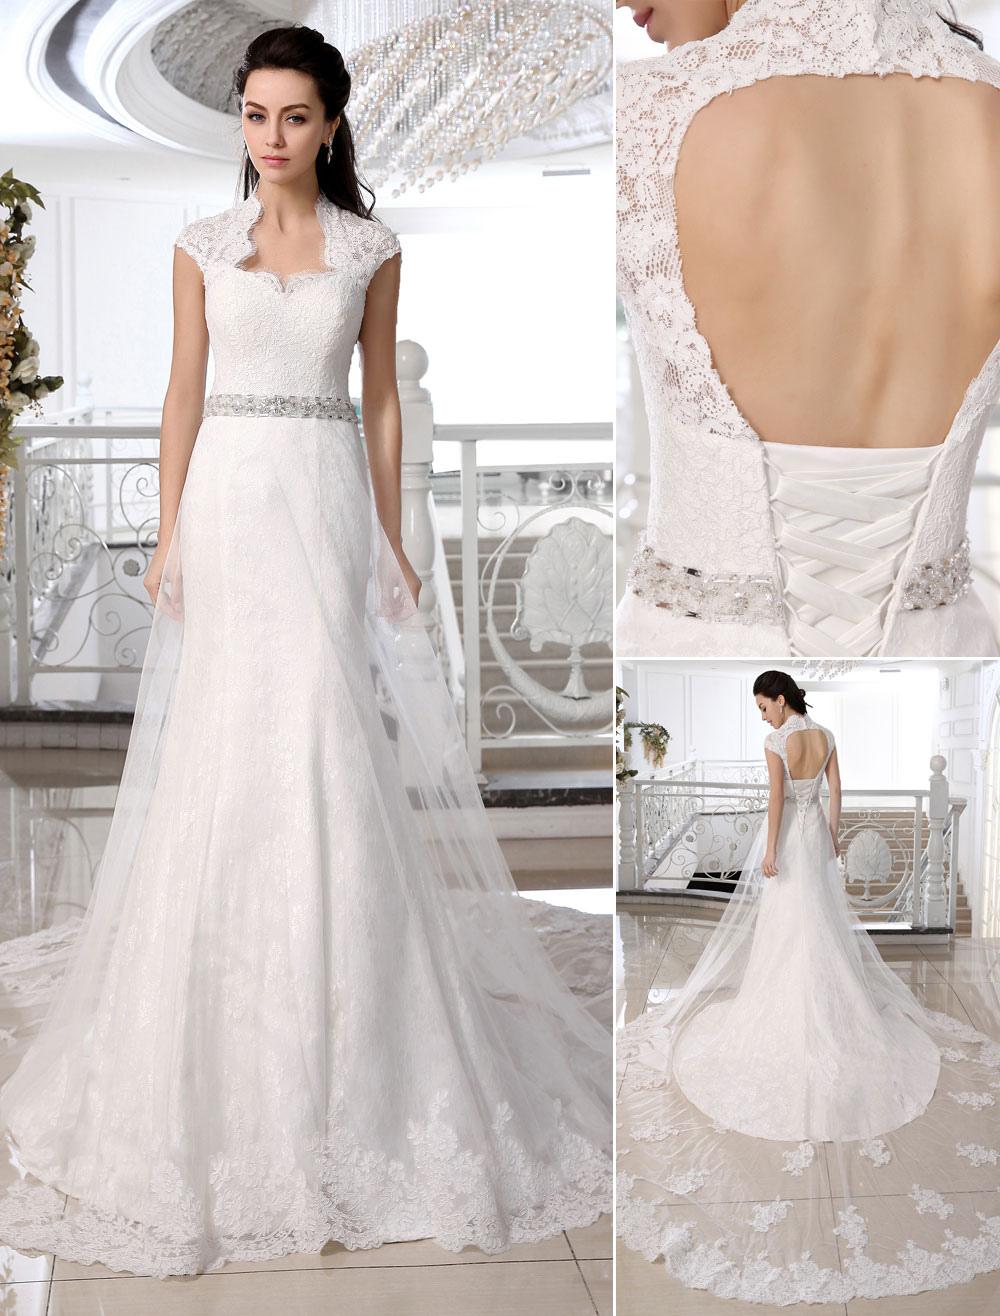 423d7a152 Vestido de novia de encaje blanco con diamante de imitación de cola larga -  Milanoo.com